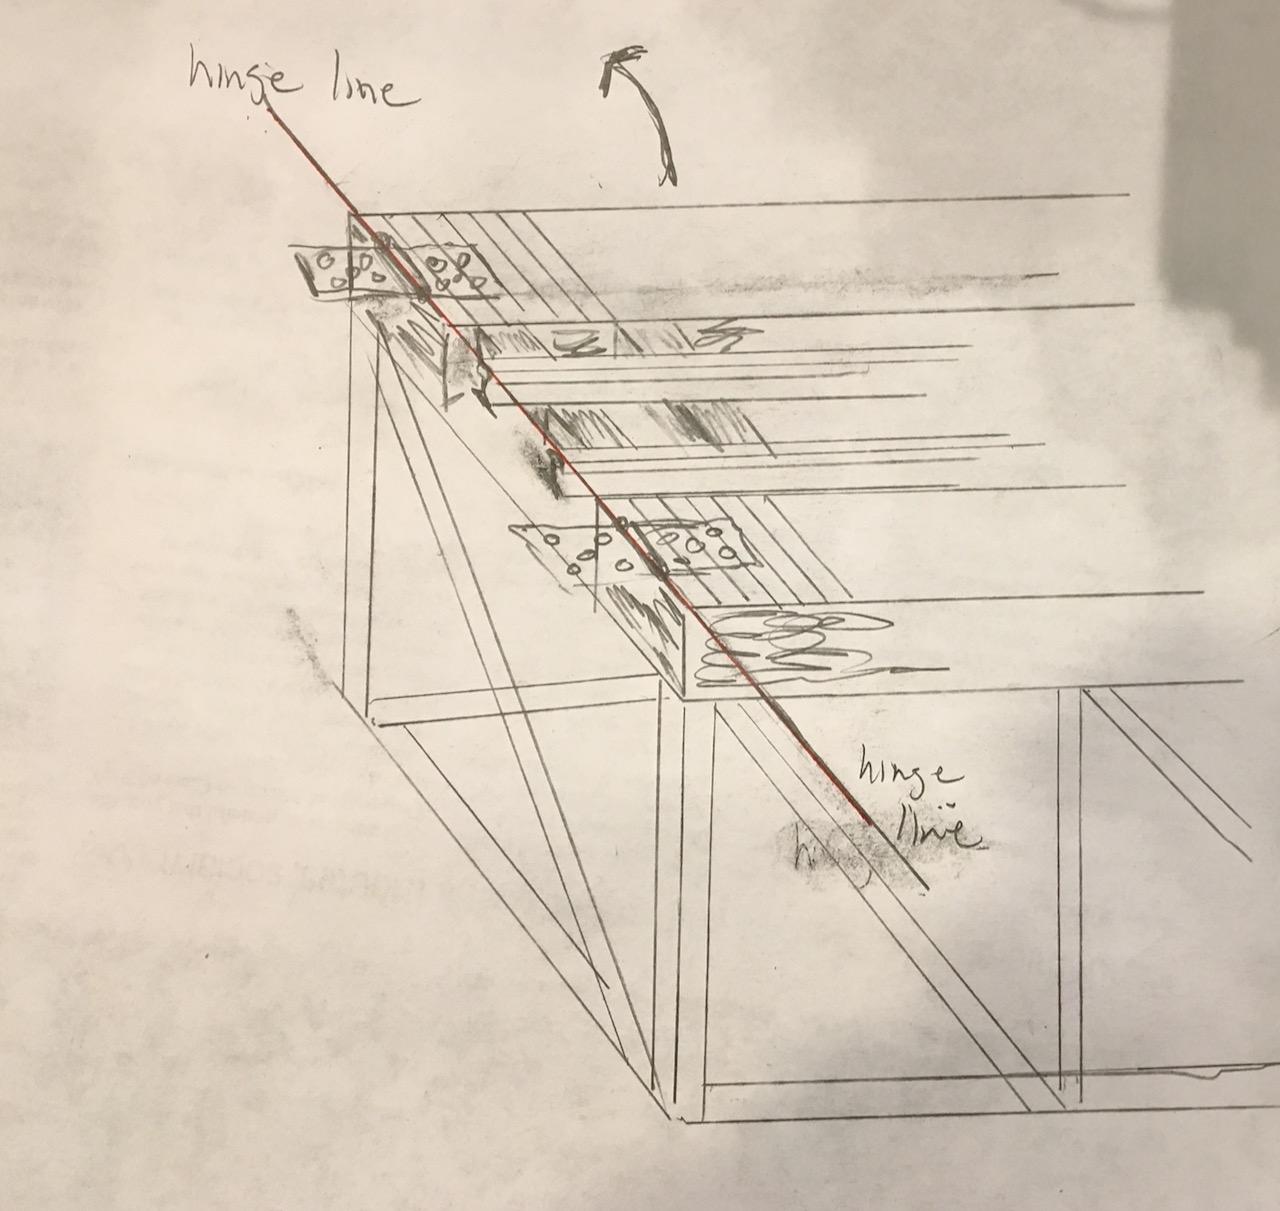 Lift bridge hinge line - 1.jpeg